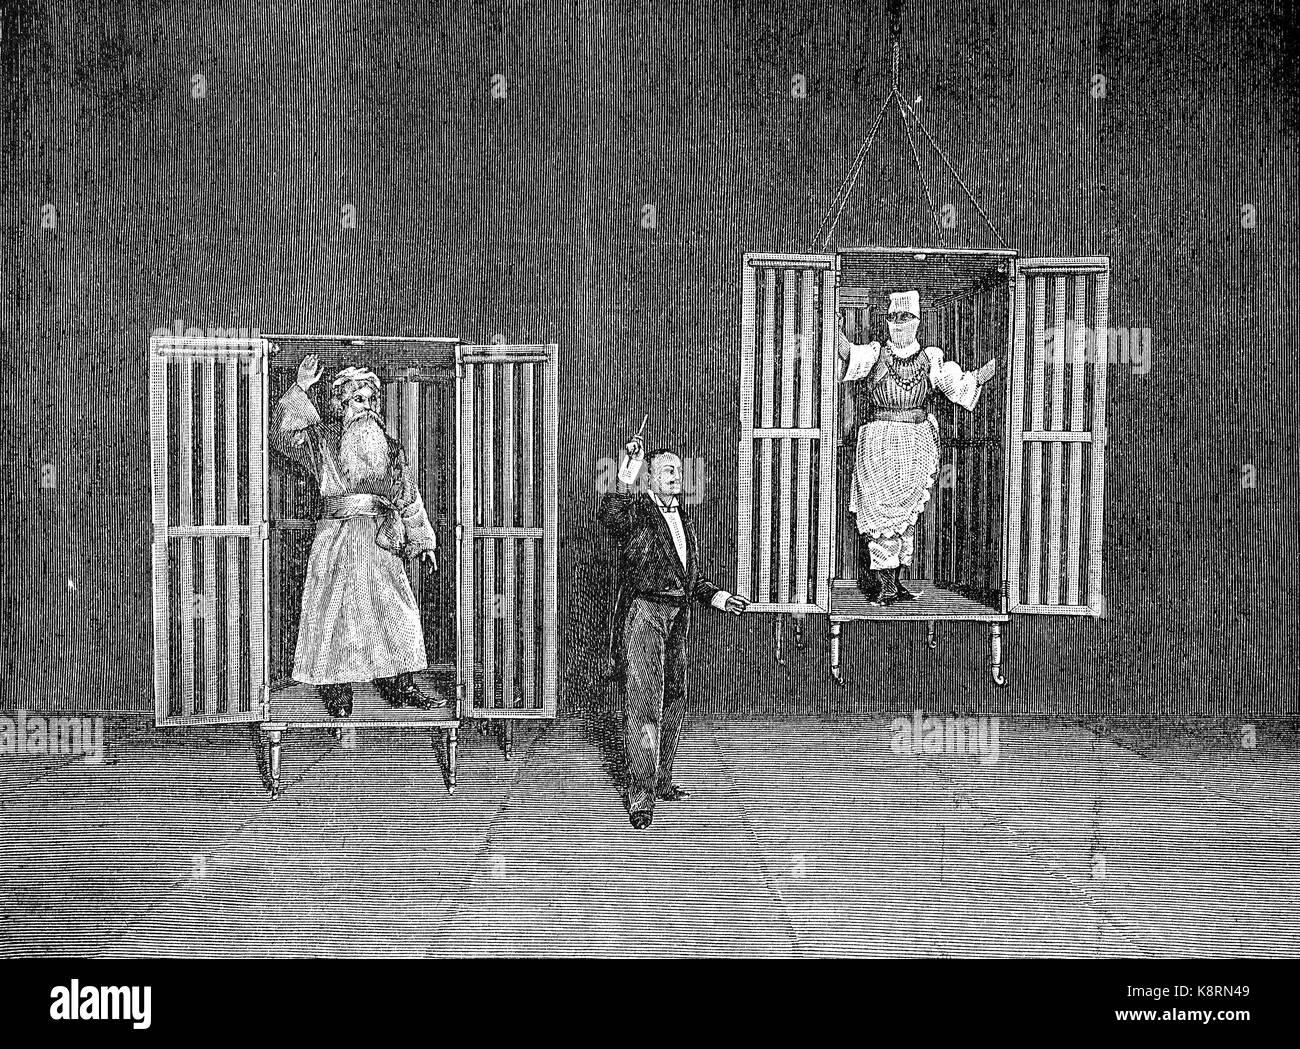 L'illusionniste Thorn démontre l'apparition et la disparition de personnes dans des cages transparentes, Photo Stock